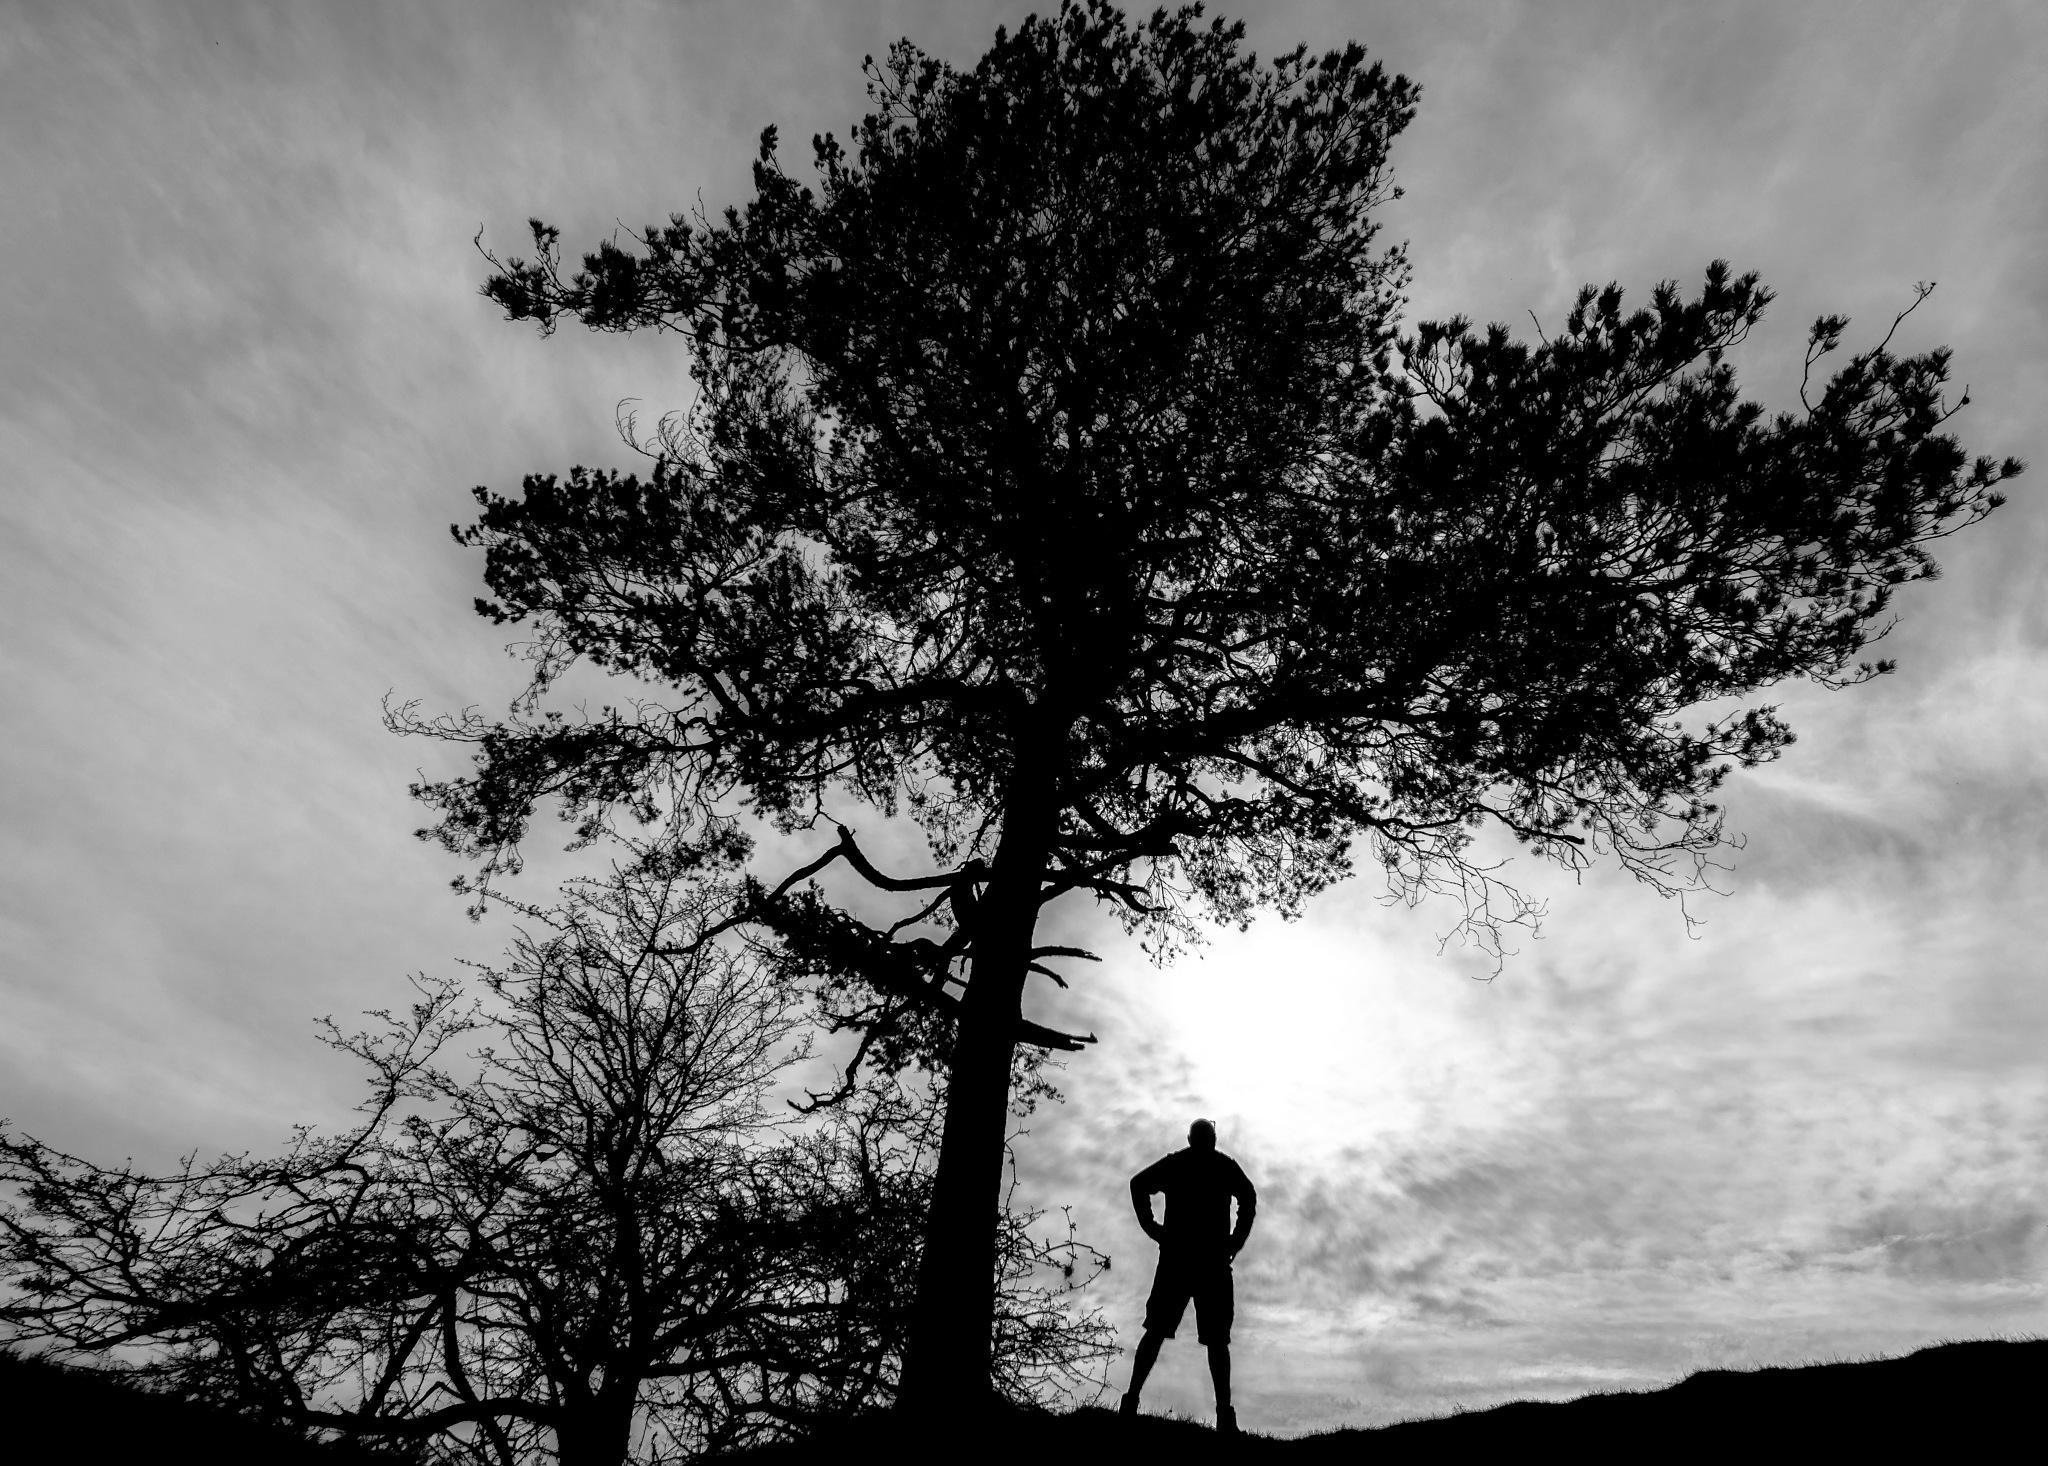 selfie silhouette by phillip ticehurst